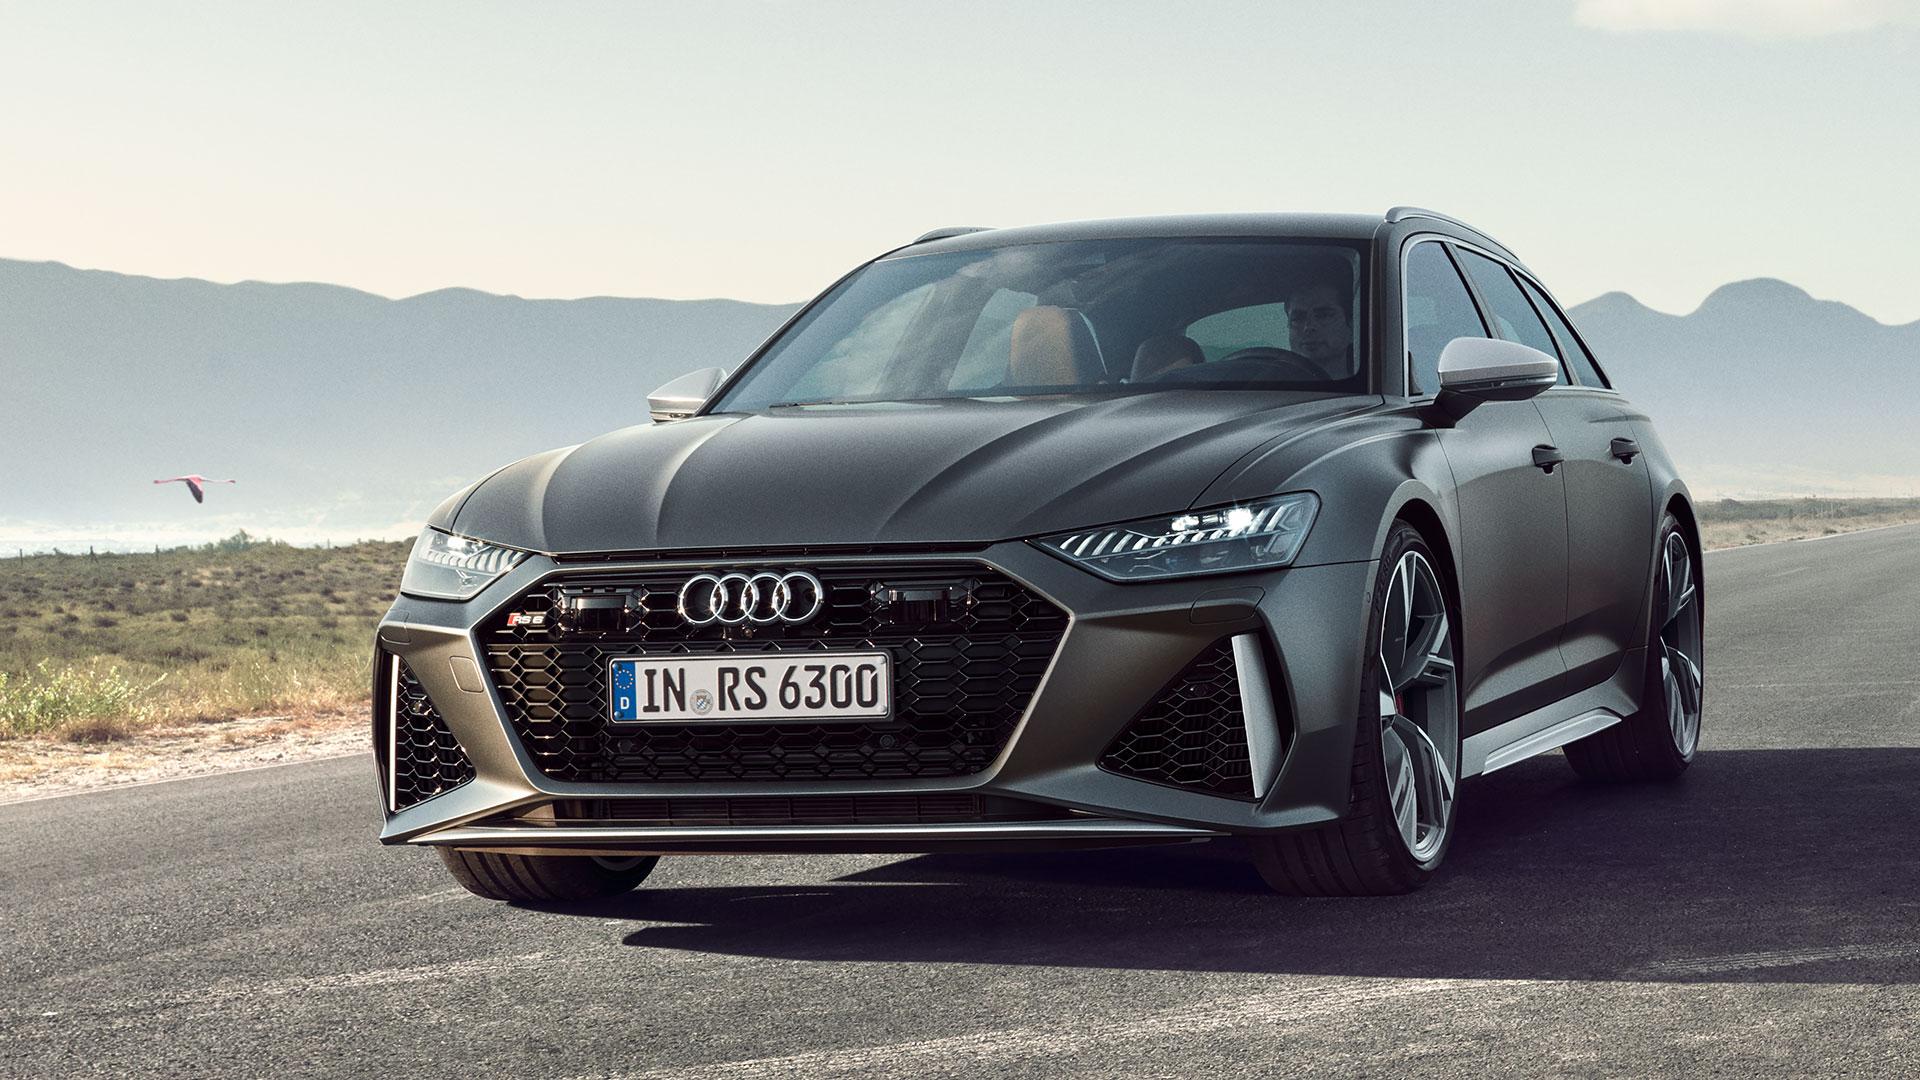 Kelebihan Kekurangan Audi A6 Rs Review